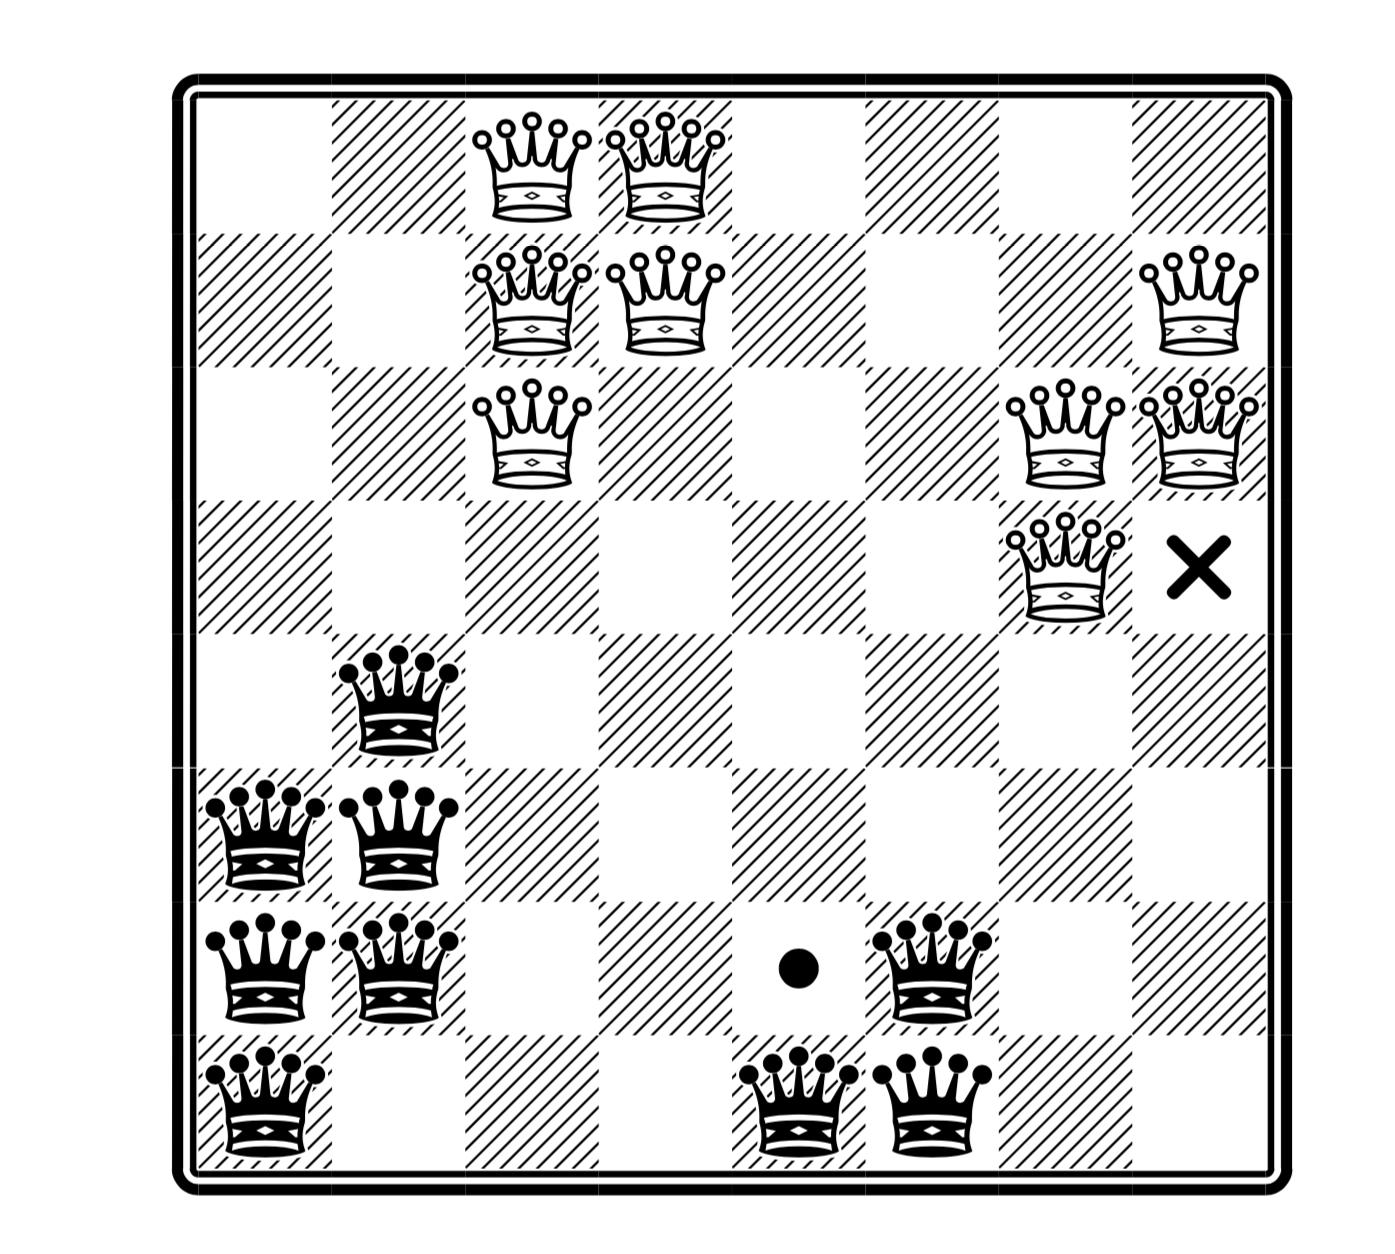 9hf6_c0z8qserlik5f_g3yh95ks.png